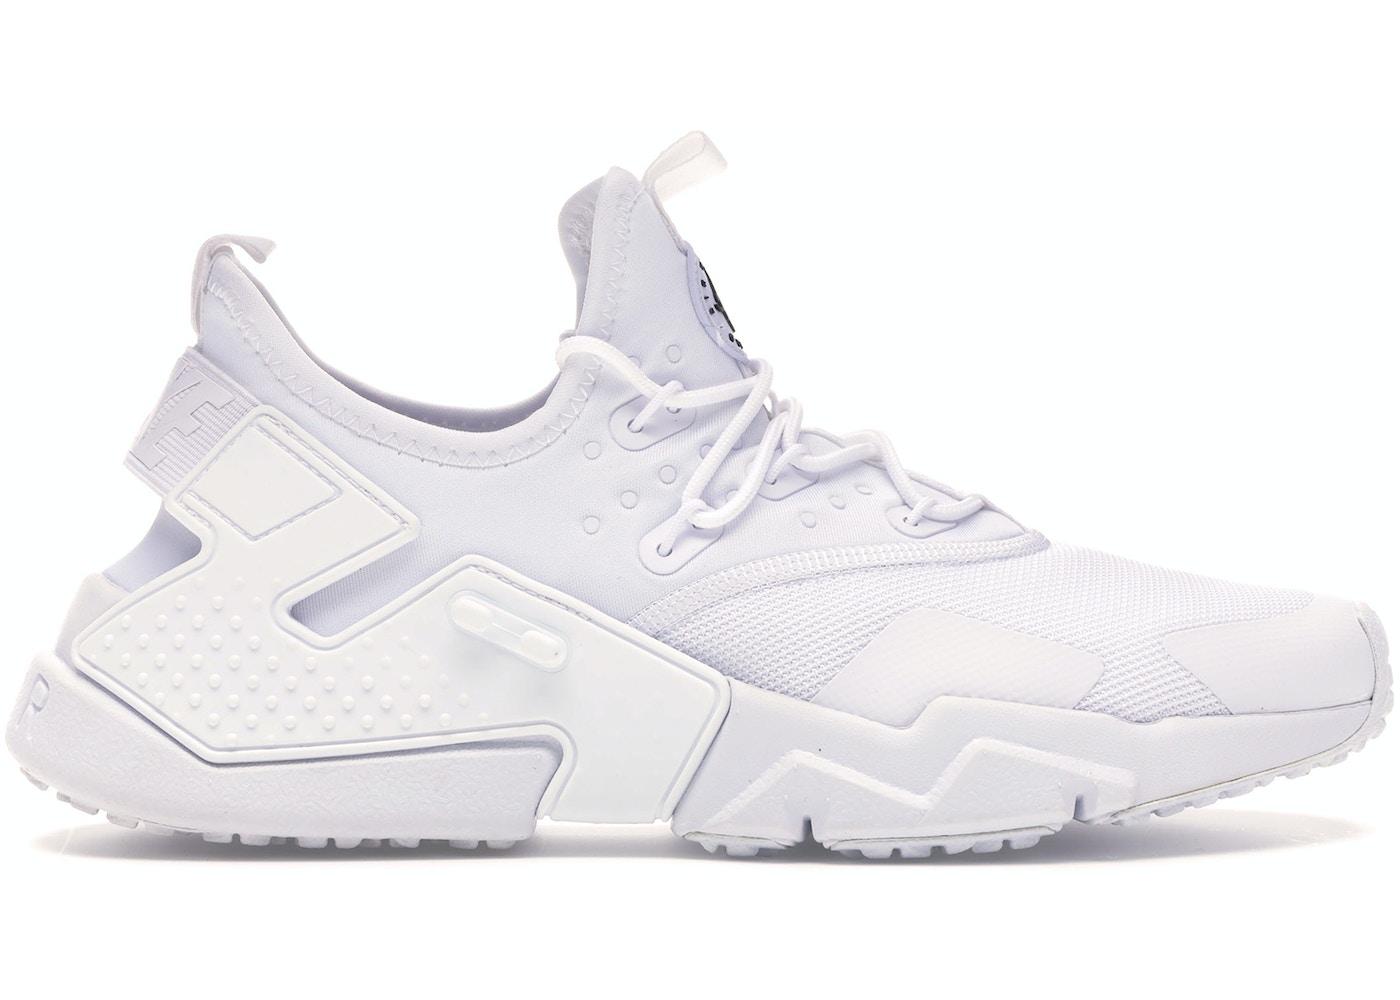 Punto de partida Subproducto Exención  Nike Air Huarache Drift Triple White - AH7334-100